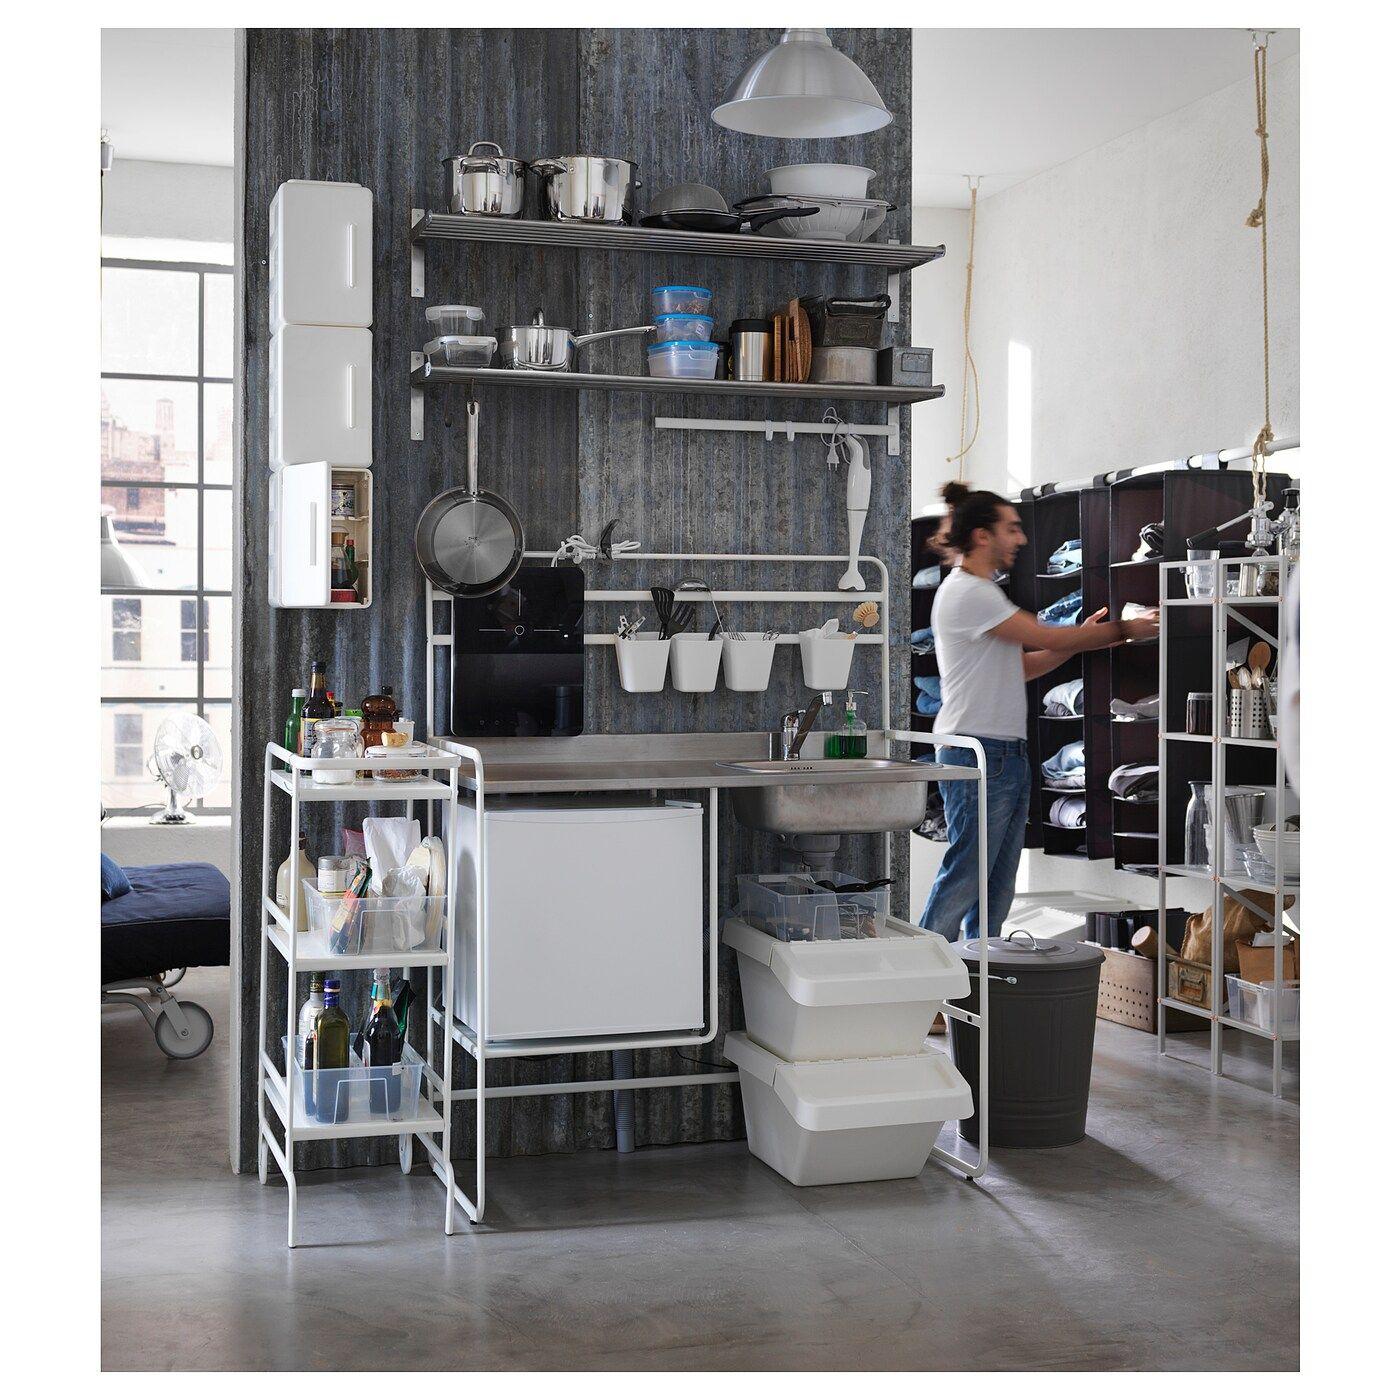 Full Size of Sunnersta Minikche Einrichtungsideen Küche Ikea Kosten Miniküche Betten Bei Mit Kühlschrank Stengel Kaufen Sofa Schlaffunktion Modulküche 160x200 Wohnzimmer Miniküche Ikea